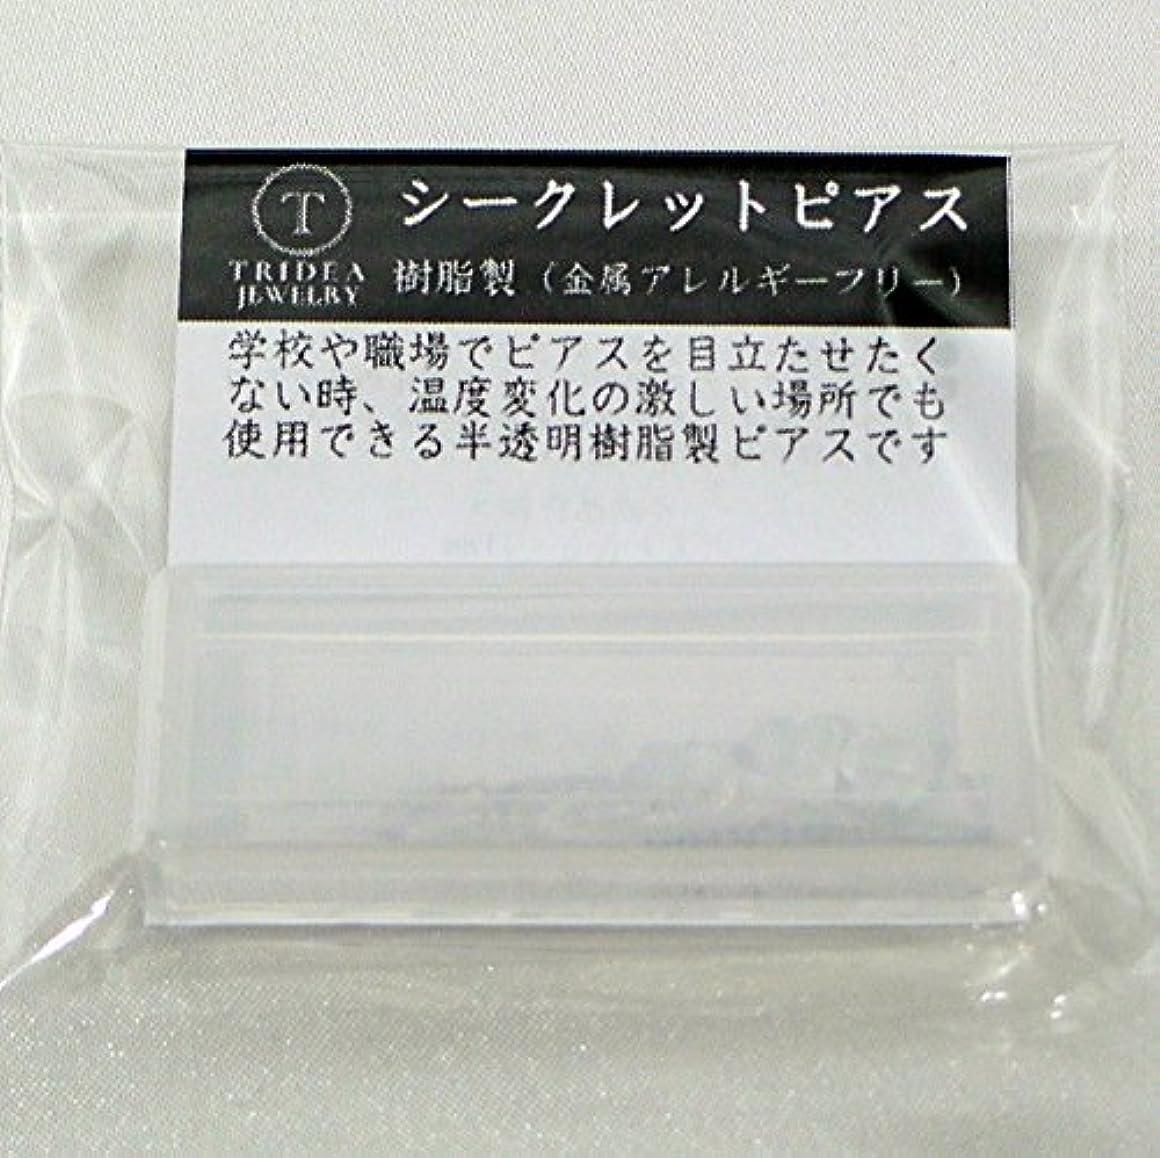 干渉するピジン死んでいるシークレットピアス 樹脂透明ピアス 金属アレルギーフリー ピアスホール維持に最適 (6セット)